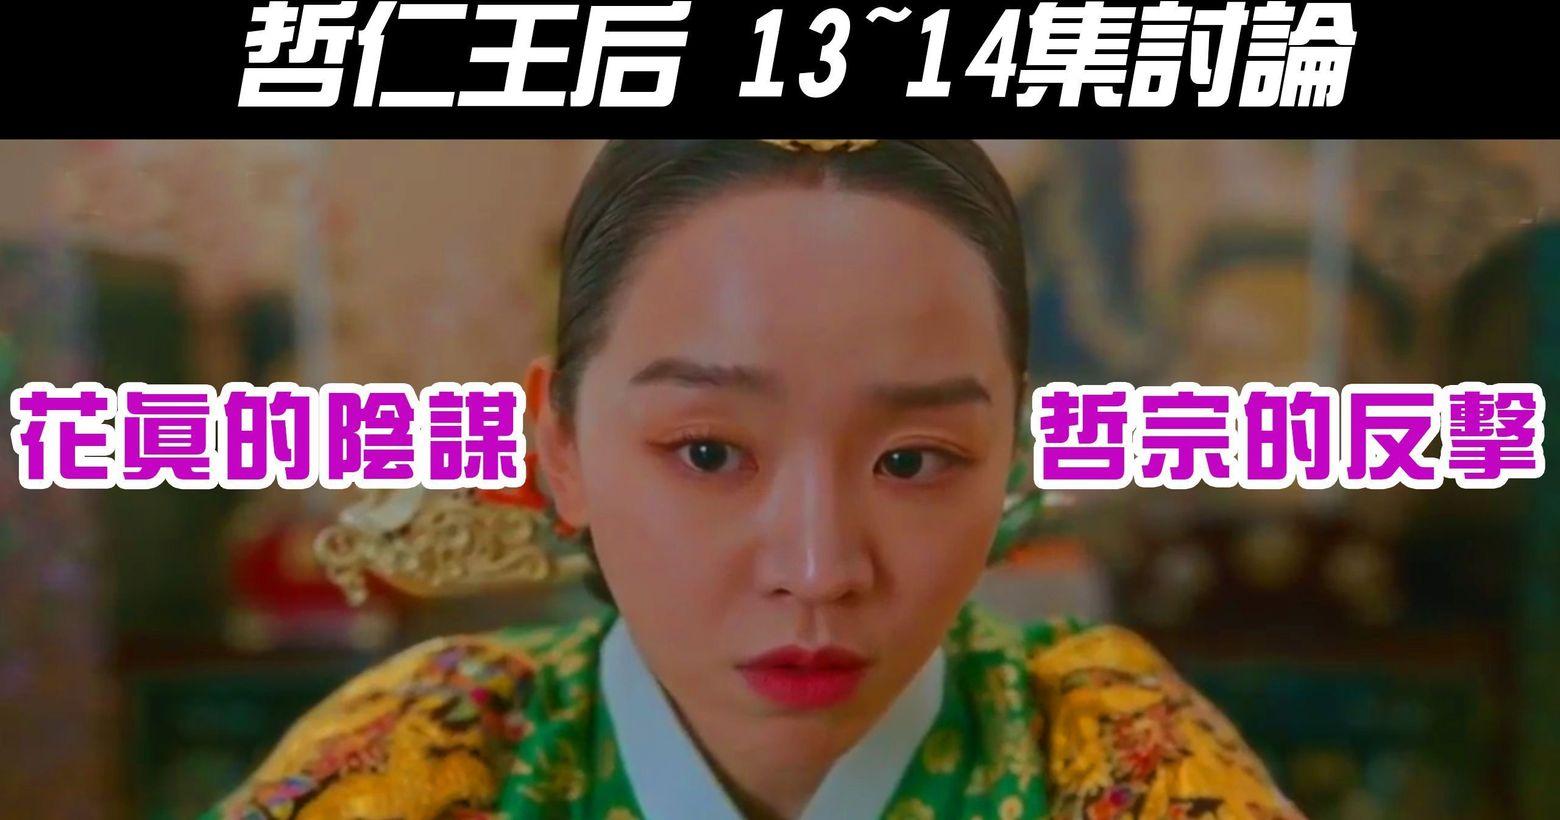 韓劇《哲仁王后|철인왕후|Mr. Queen》13~14集討論|【影劇分析】《哲仁王后》第14集收視